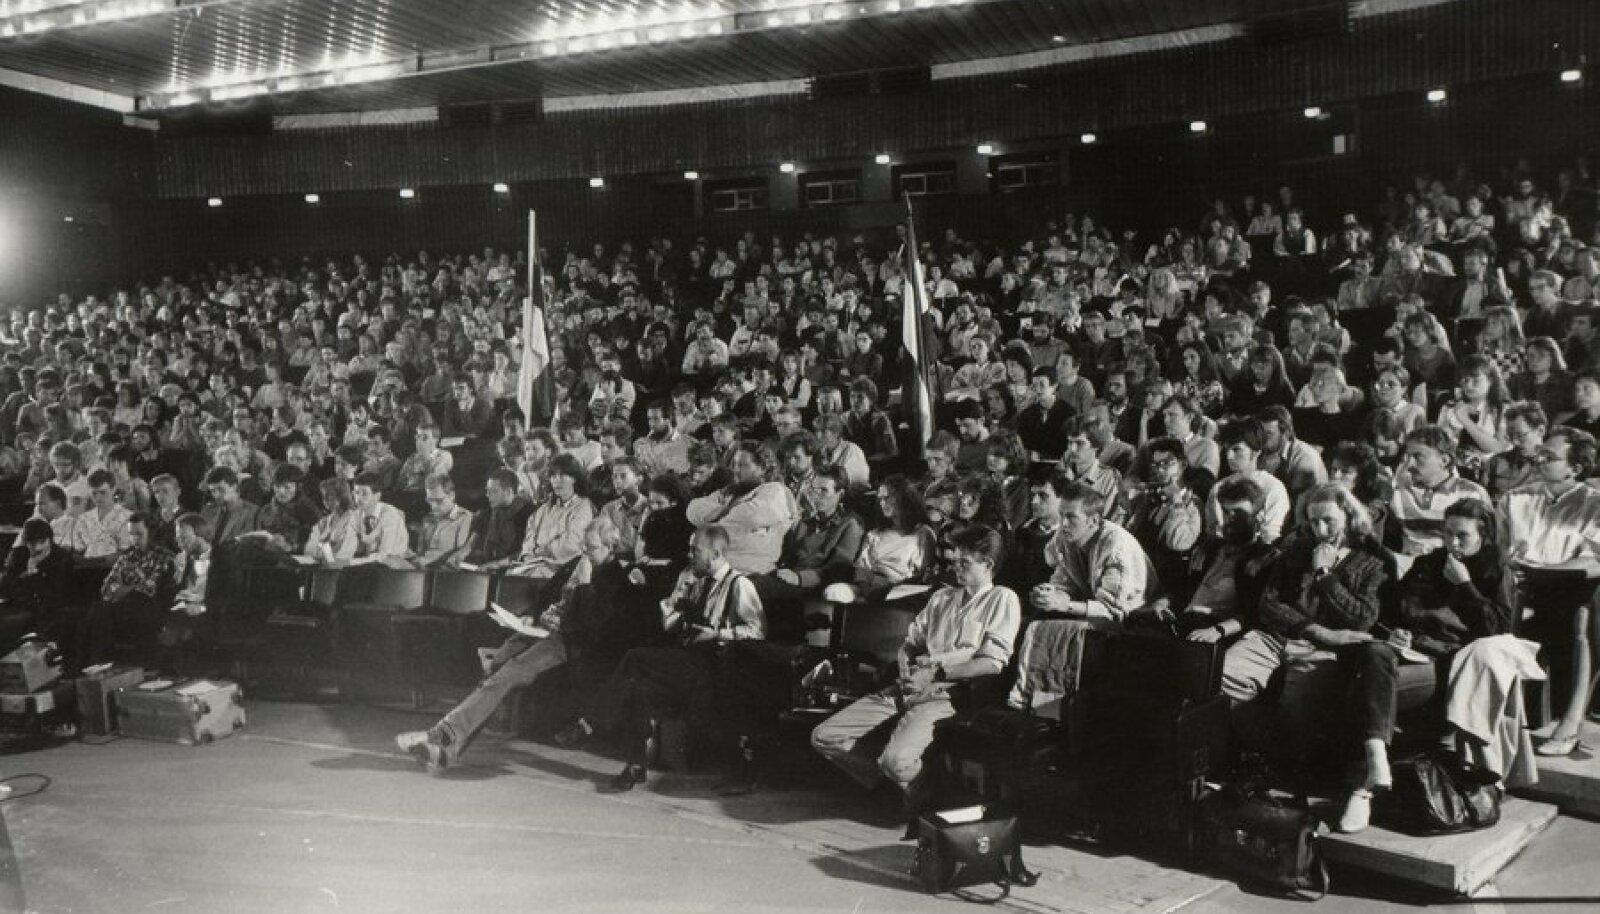 Esimene Sõltumatu Noortefoorum kinos Kosmos 4. juunil 1988. Foto: erakogu